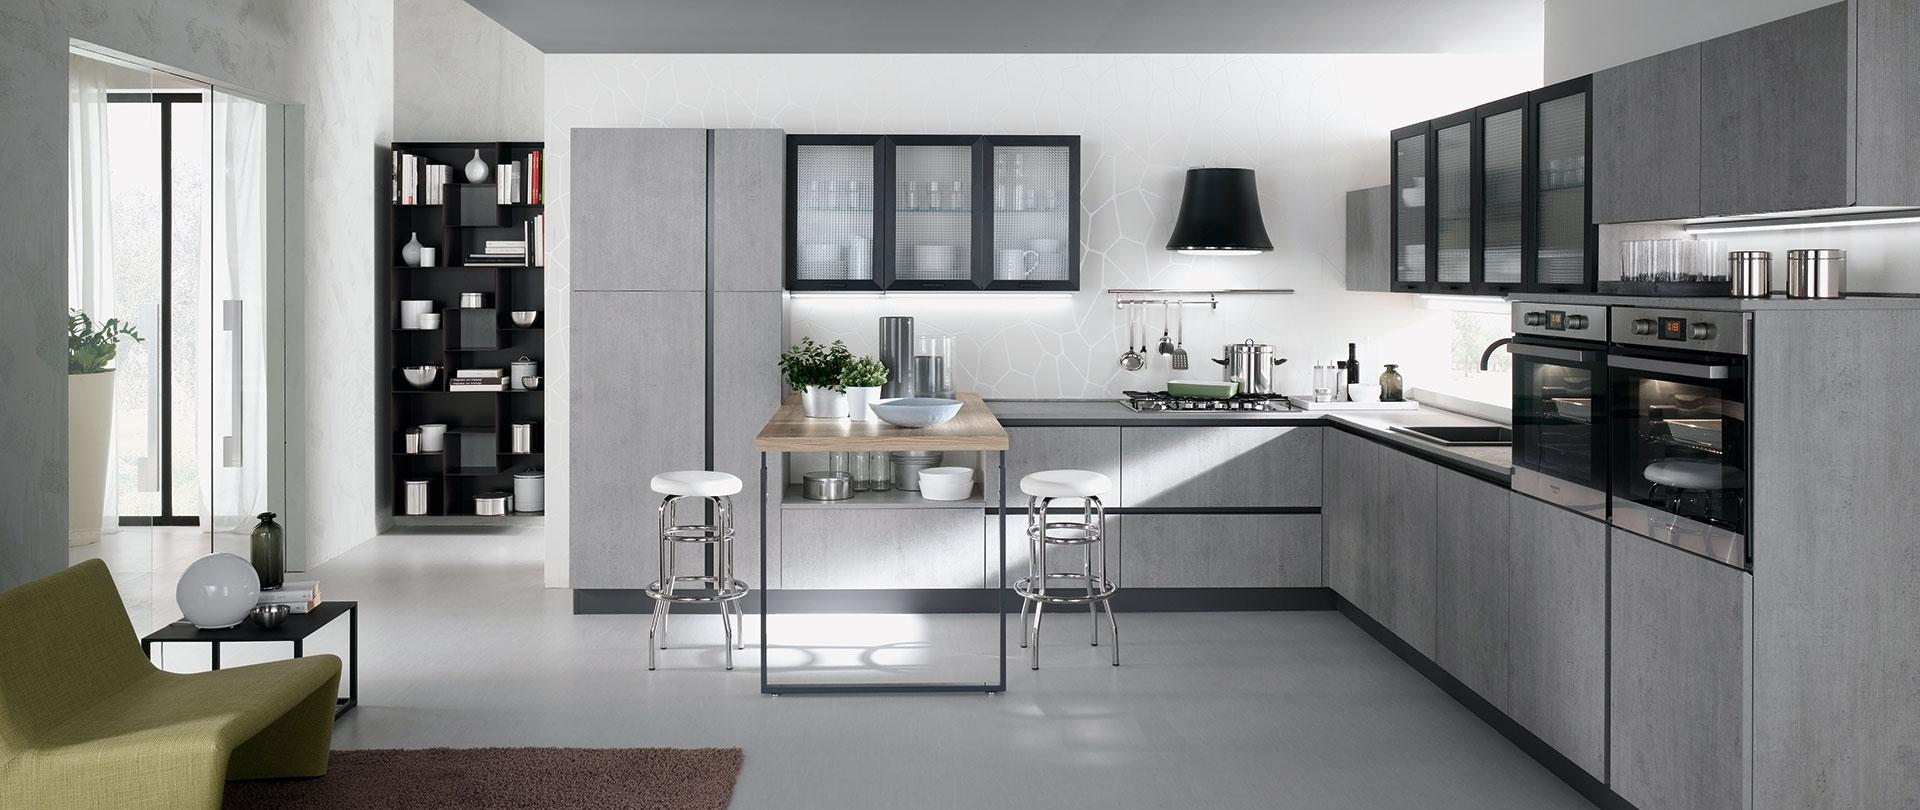 Cucina Agorà - EVO Cucine